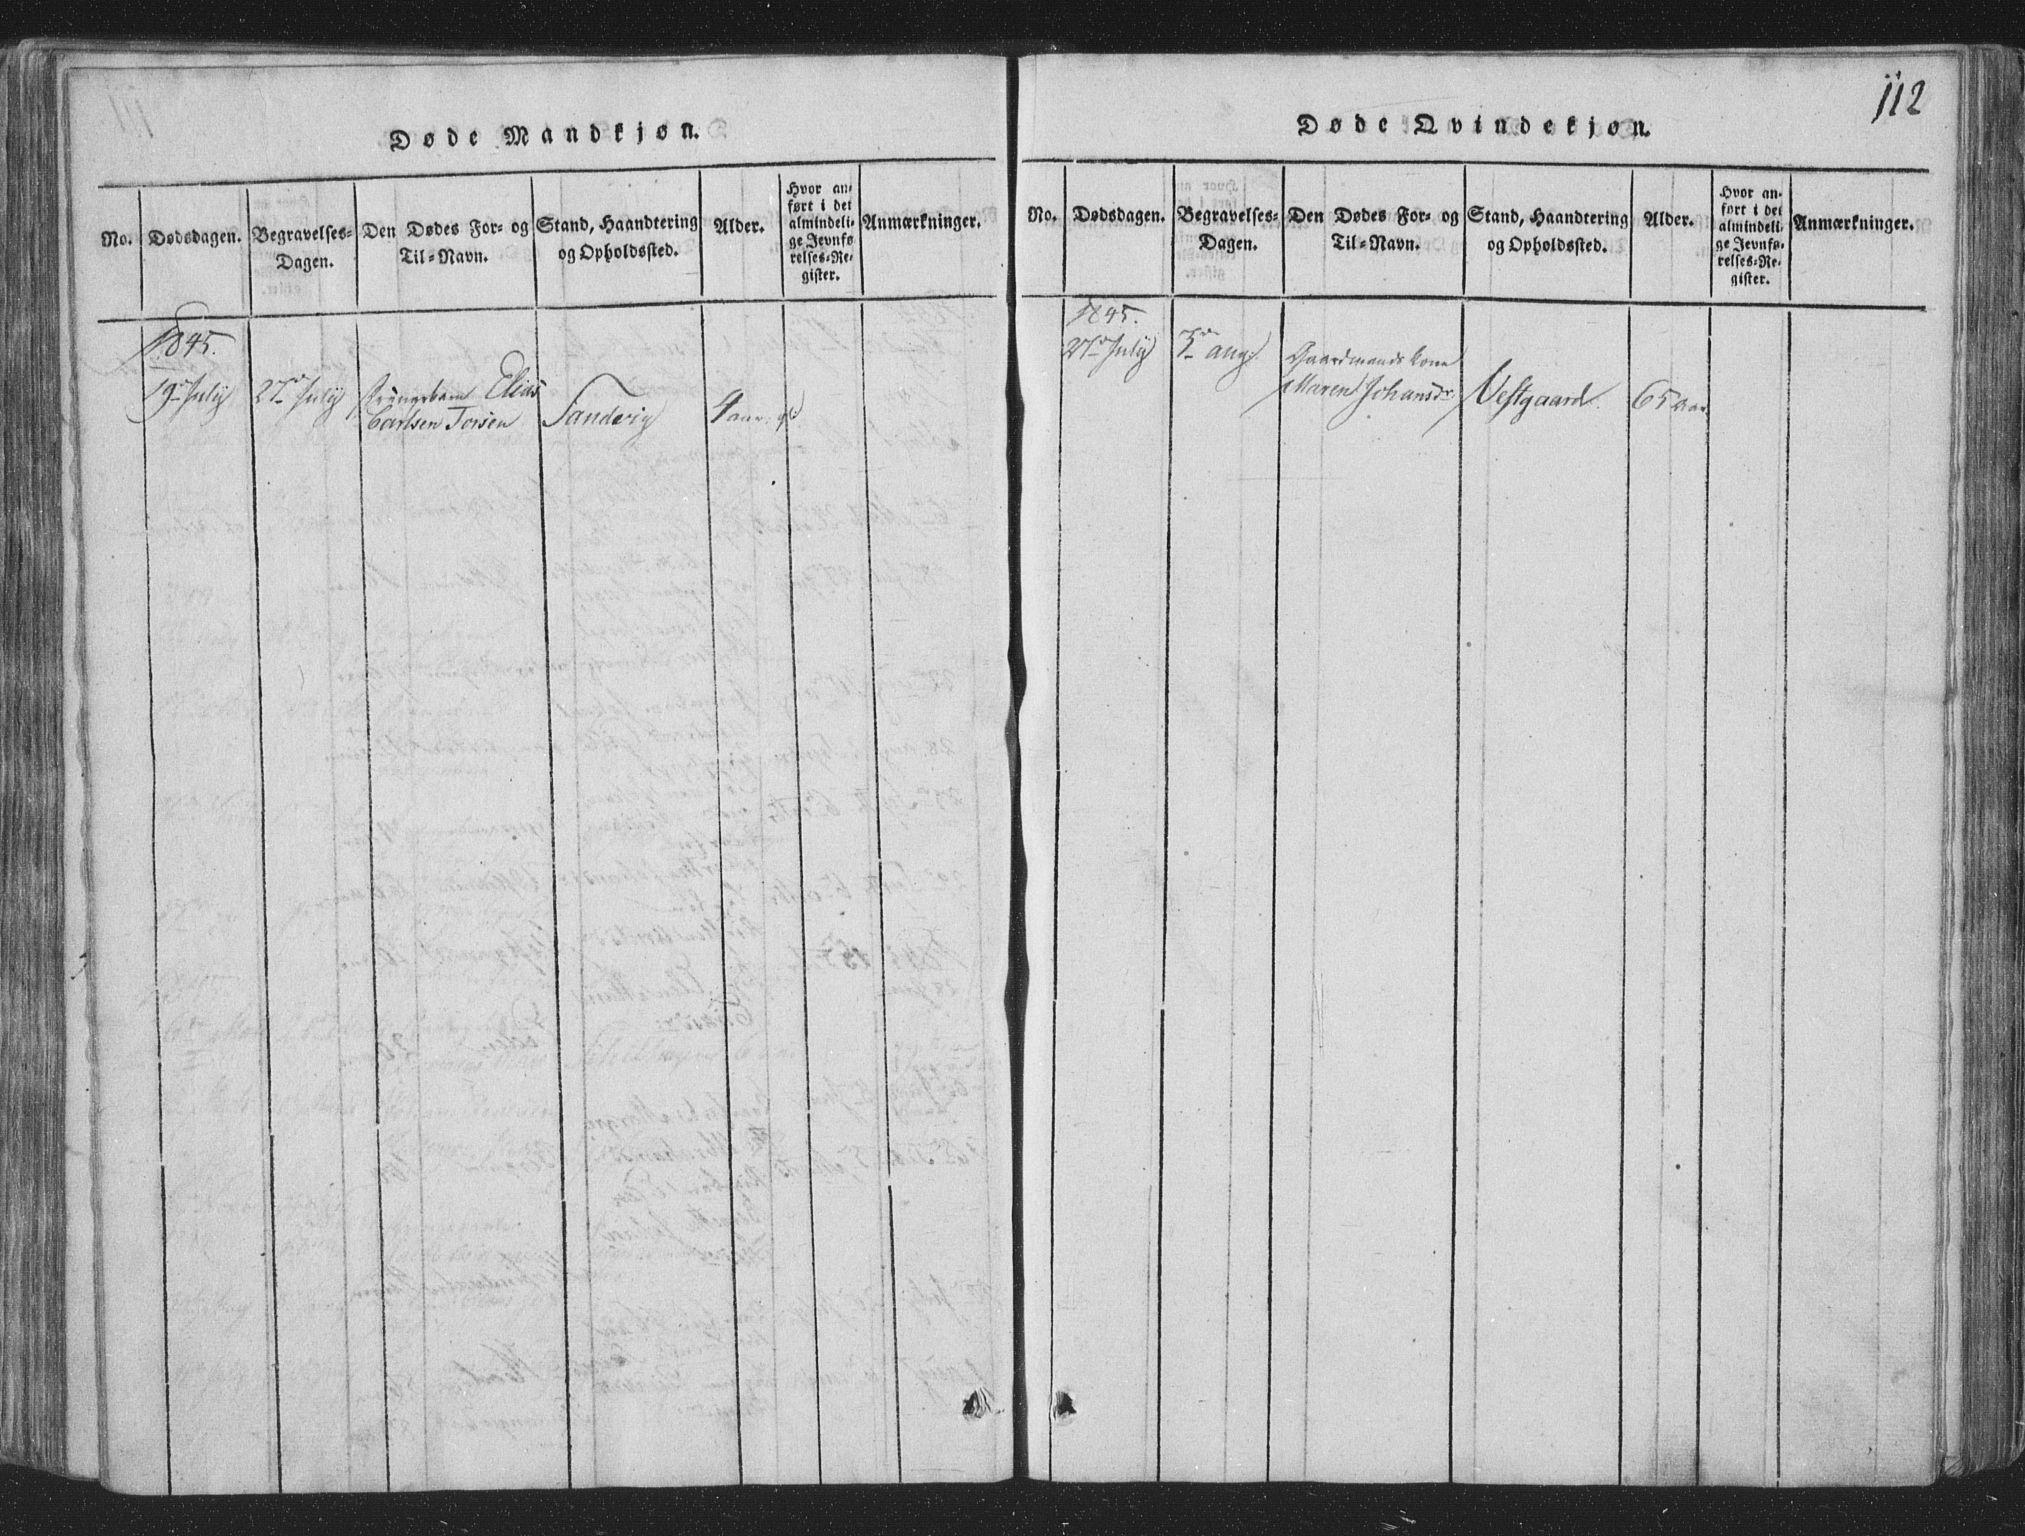 SAT, Ministerialprotokoller, klokkerbøker og fødselsregistre - Nord-Trøndelag, 773/L0613: Ministerialbok nr. 773A04, 1815-1845, s. 112